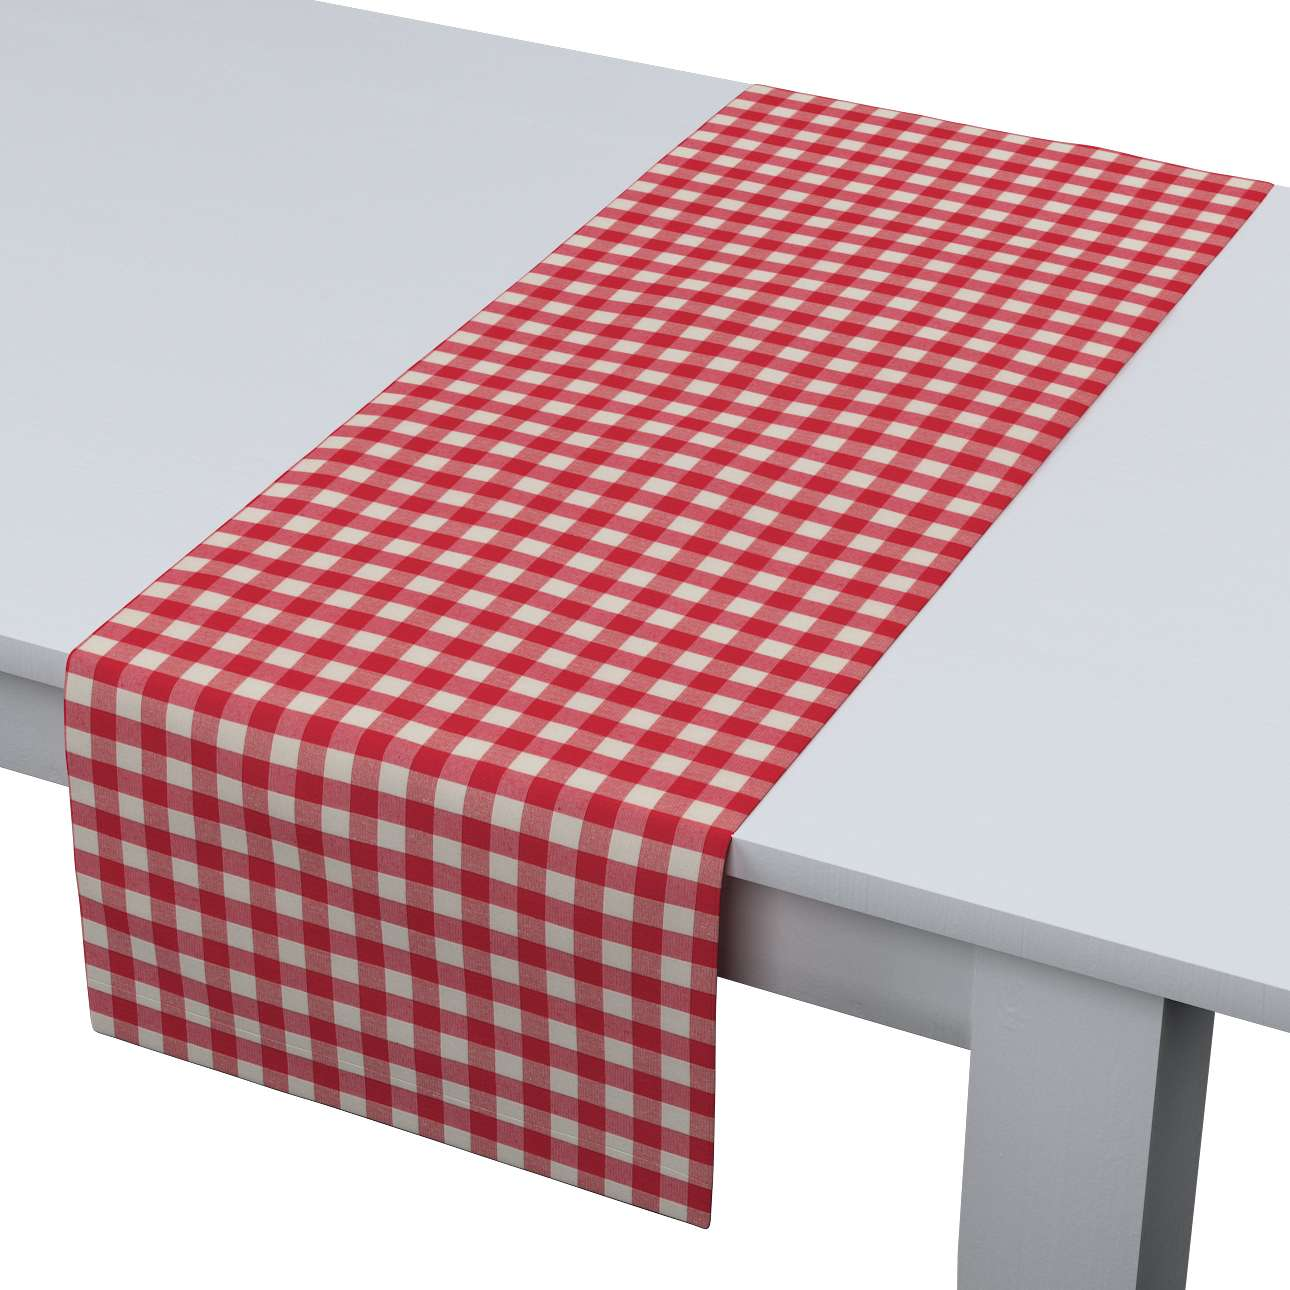 Bieżnik prostokątny 40x130 cm w kolekcji Quadro, tkanina: 136-16